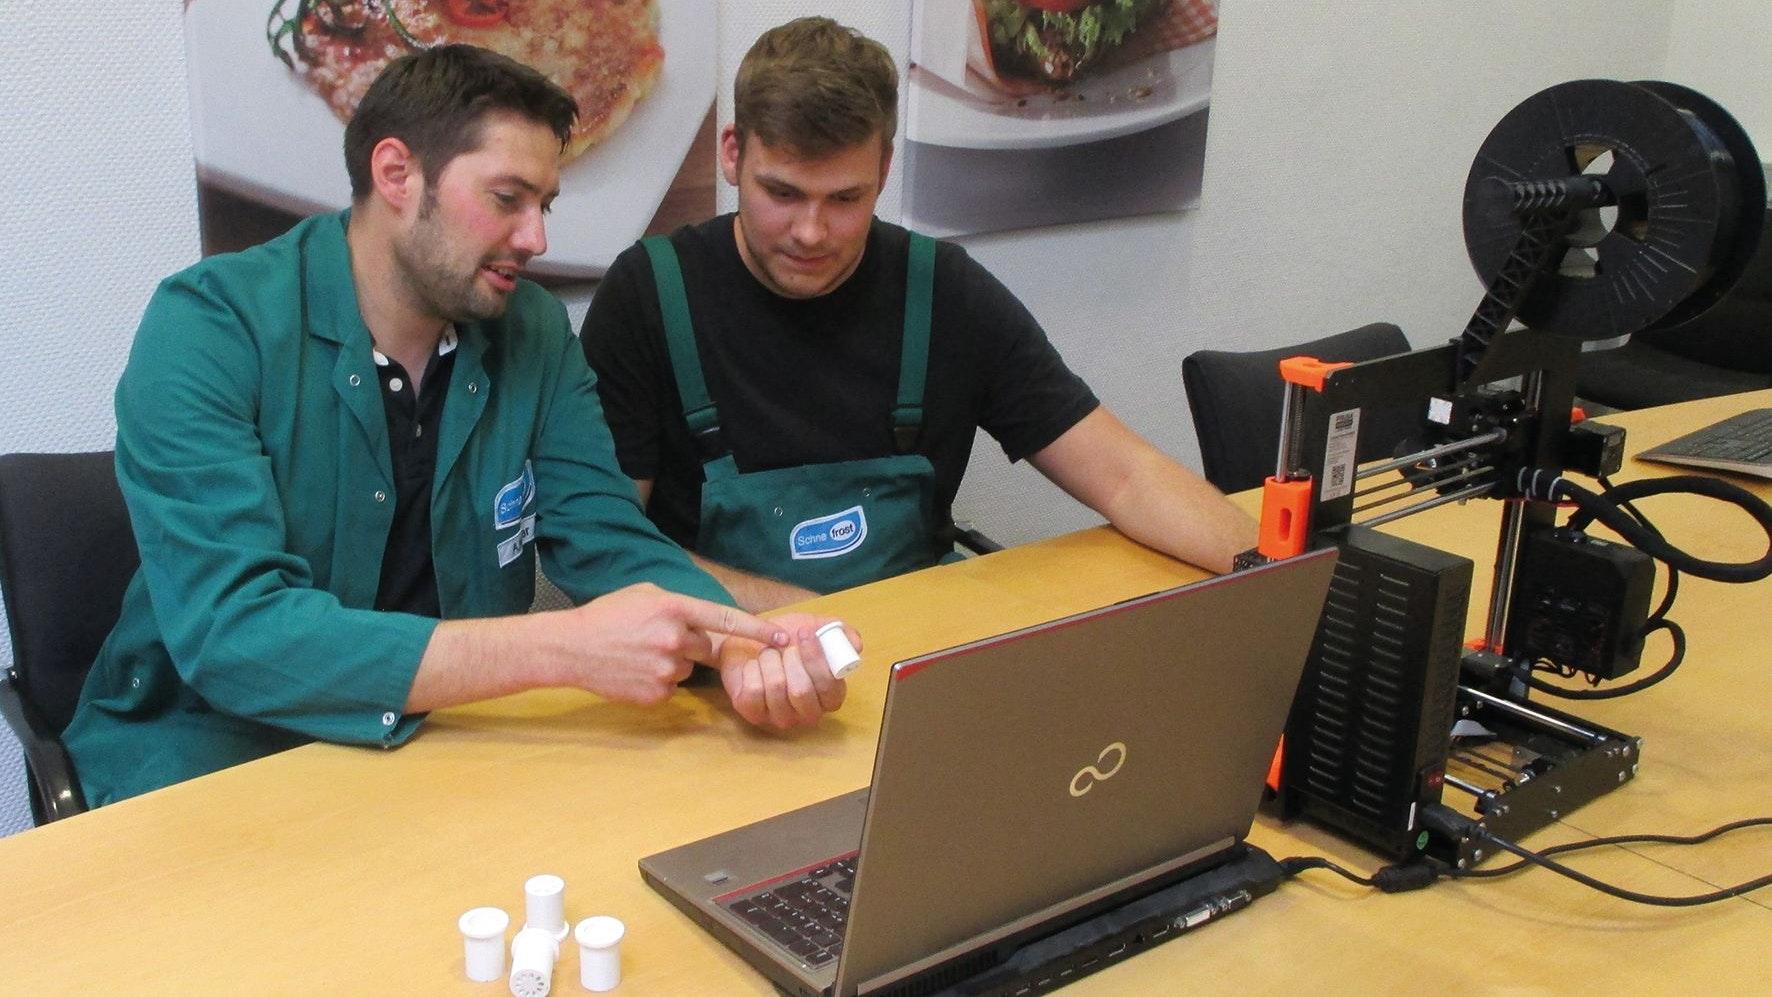 Die Düse, die aus Kartoffeln Kroketten macht: Alexander Kuper (links), Technischer Ausbilder und Marlin Ahlers, Auszubildender zum Mechatroniker, kontrollieren die Produkte aus dem 3D-Drucker. Foto: Schne-frost